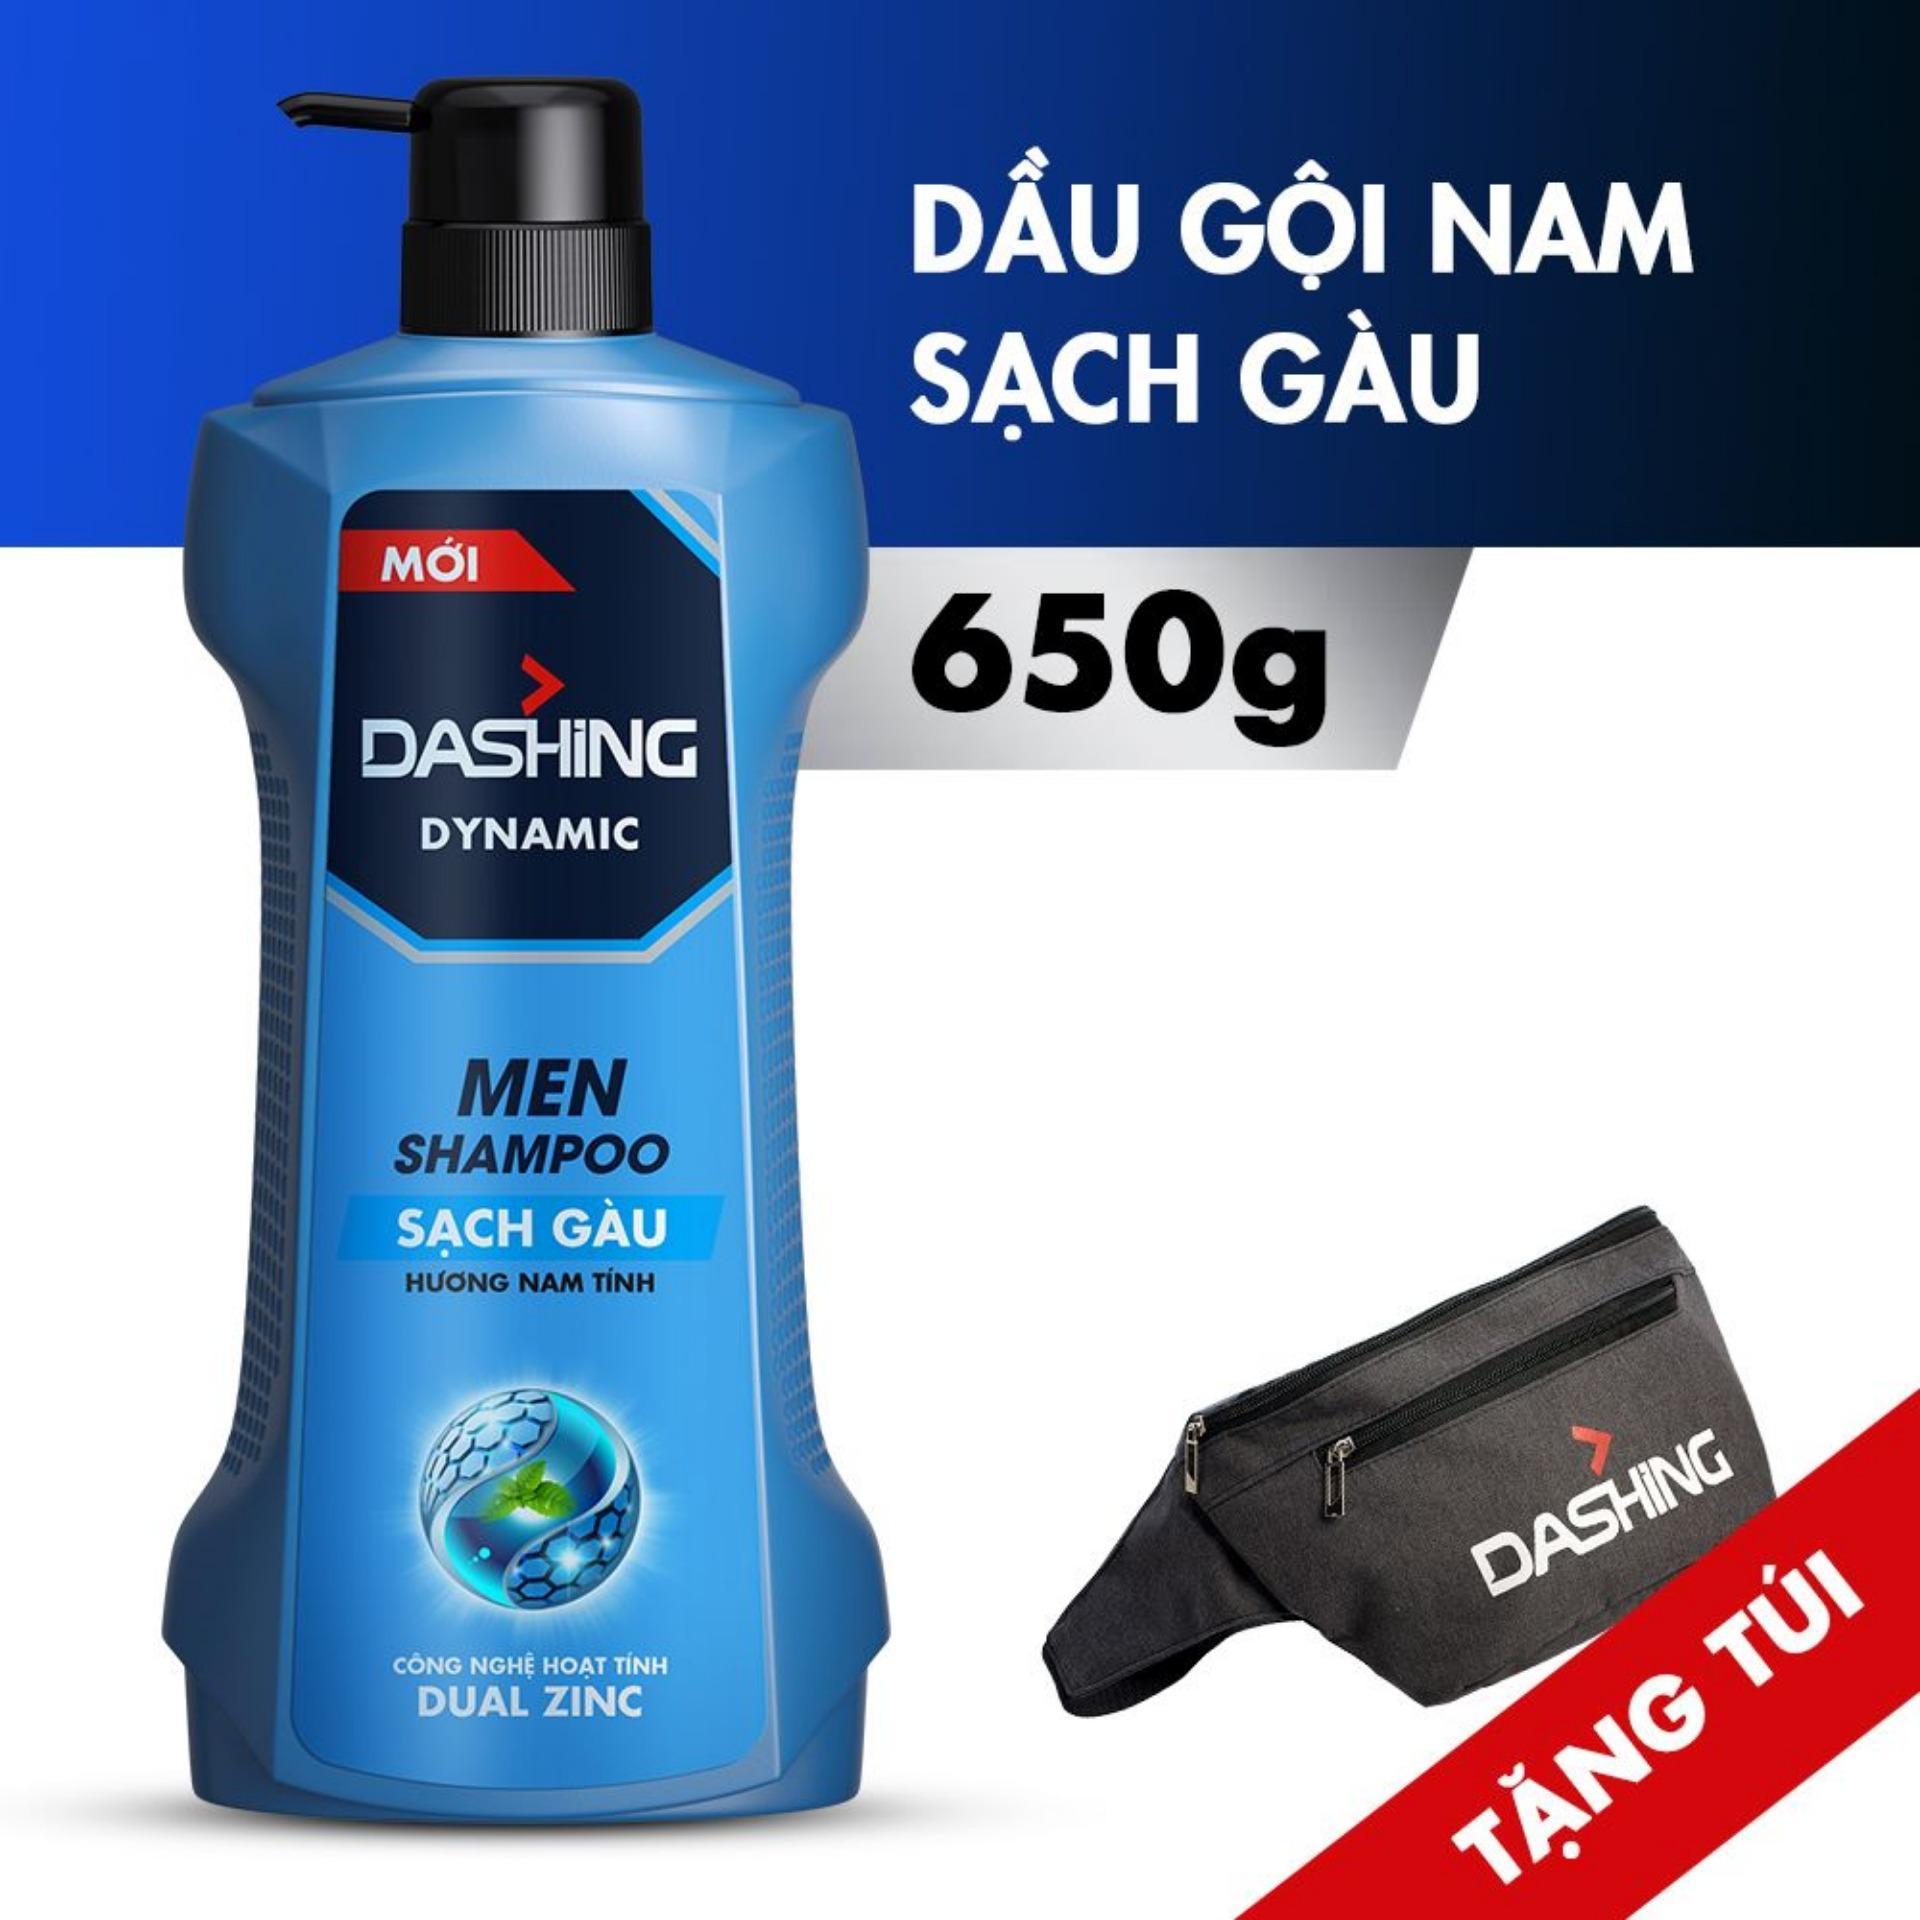 [Tặng túi đeo chéo sành điệu] Dầu gội sạch gàu cho nam giới Dashing Dynamic Men Shampoo 650g